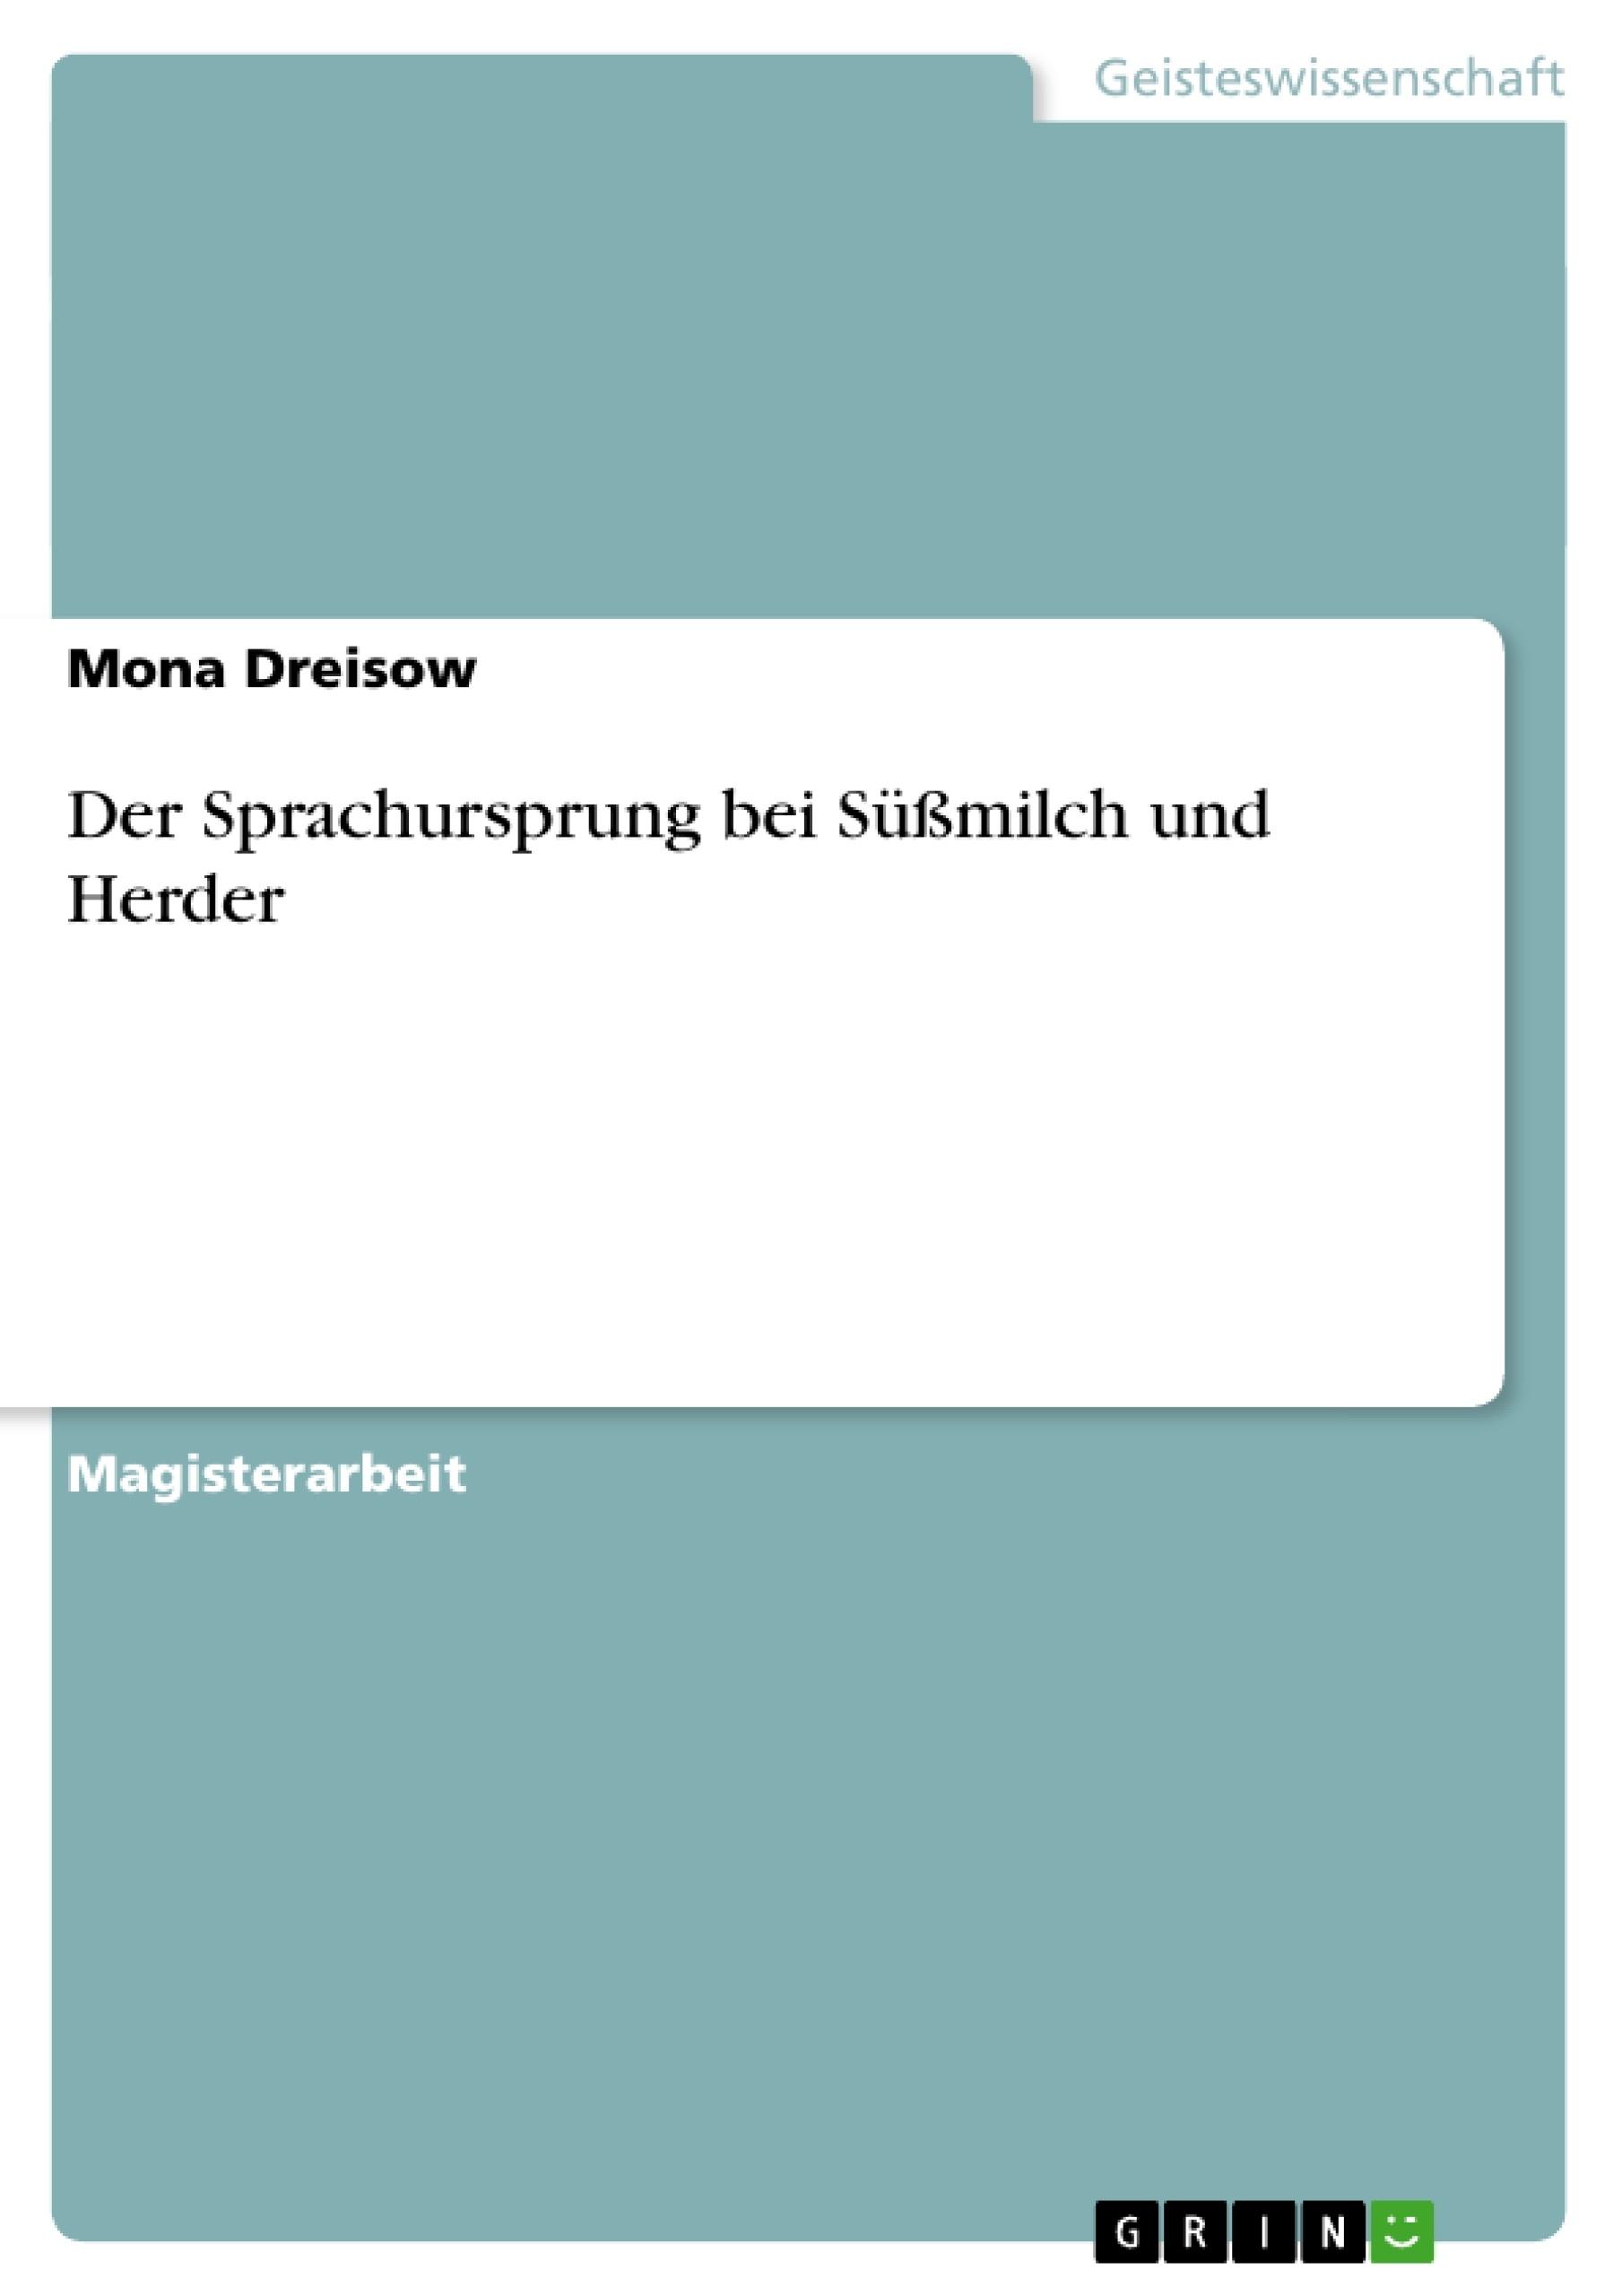 Titel: Der Sprachursprung bei Süßmilch und Herder